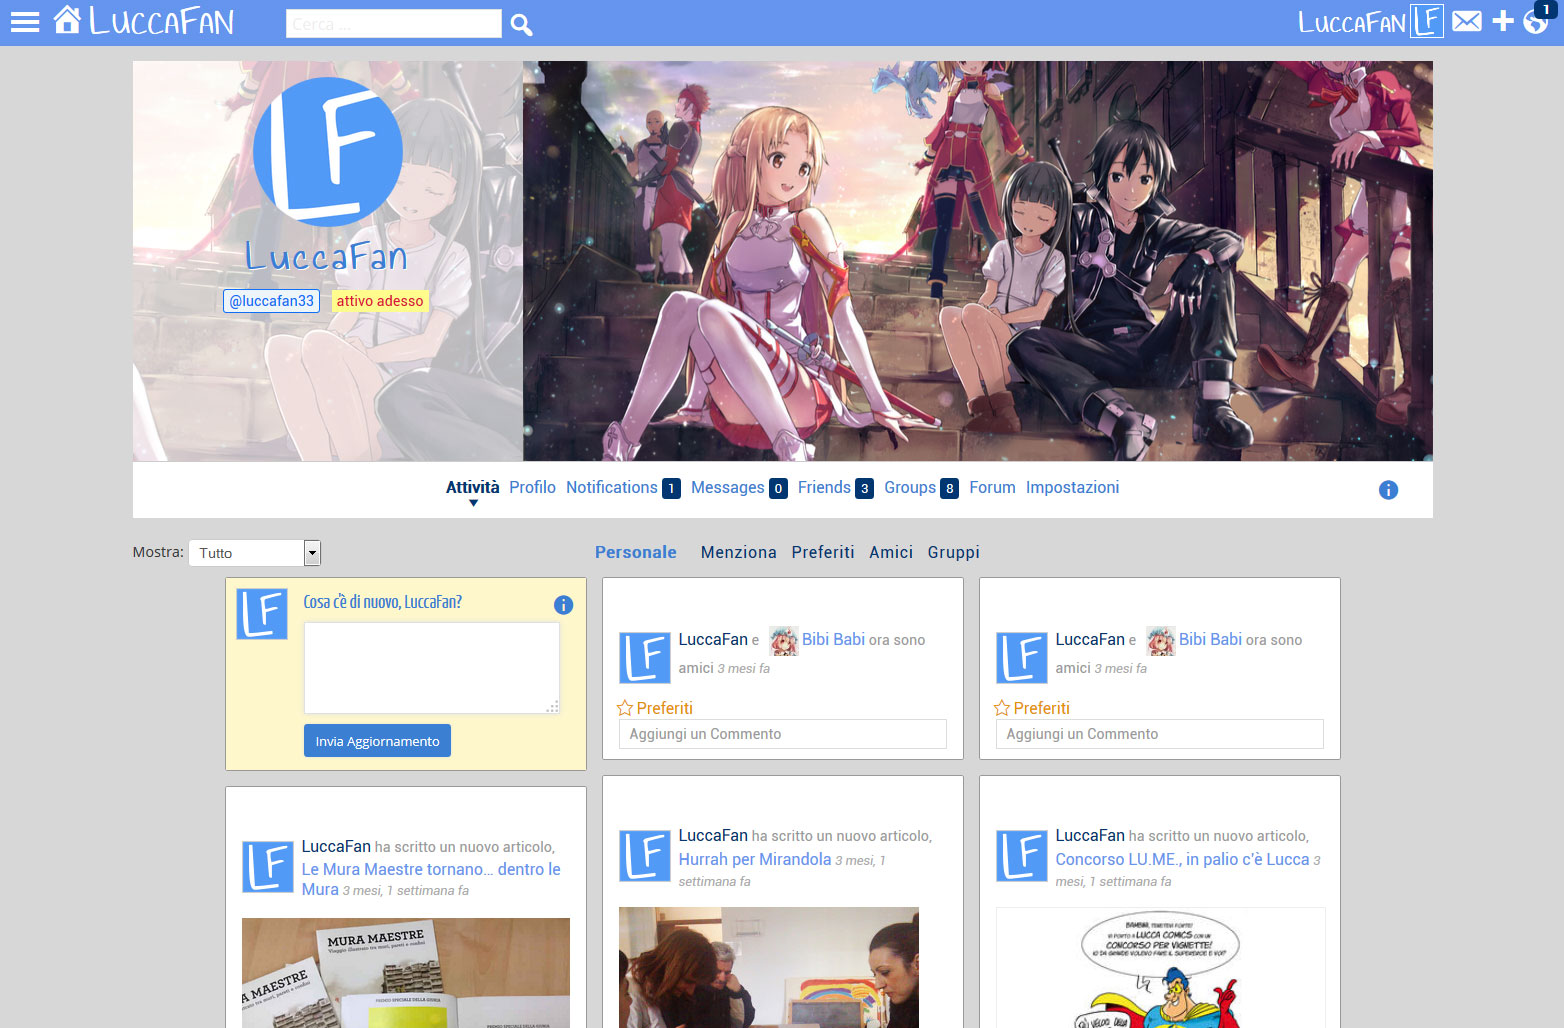 luccafan-agg.agosto2014-profilo